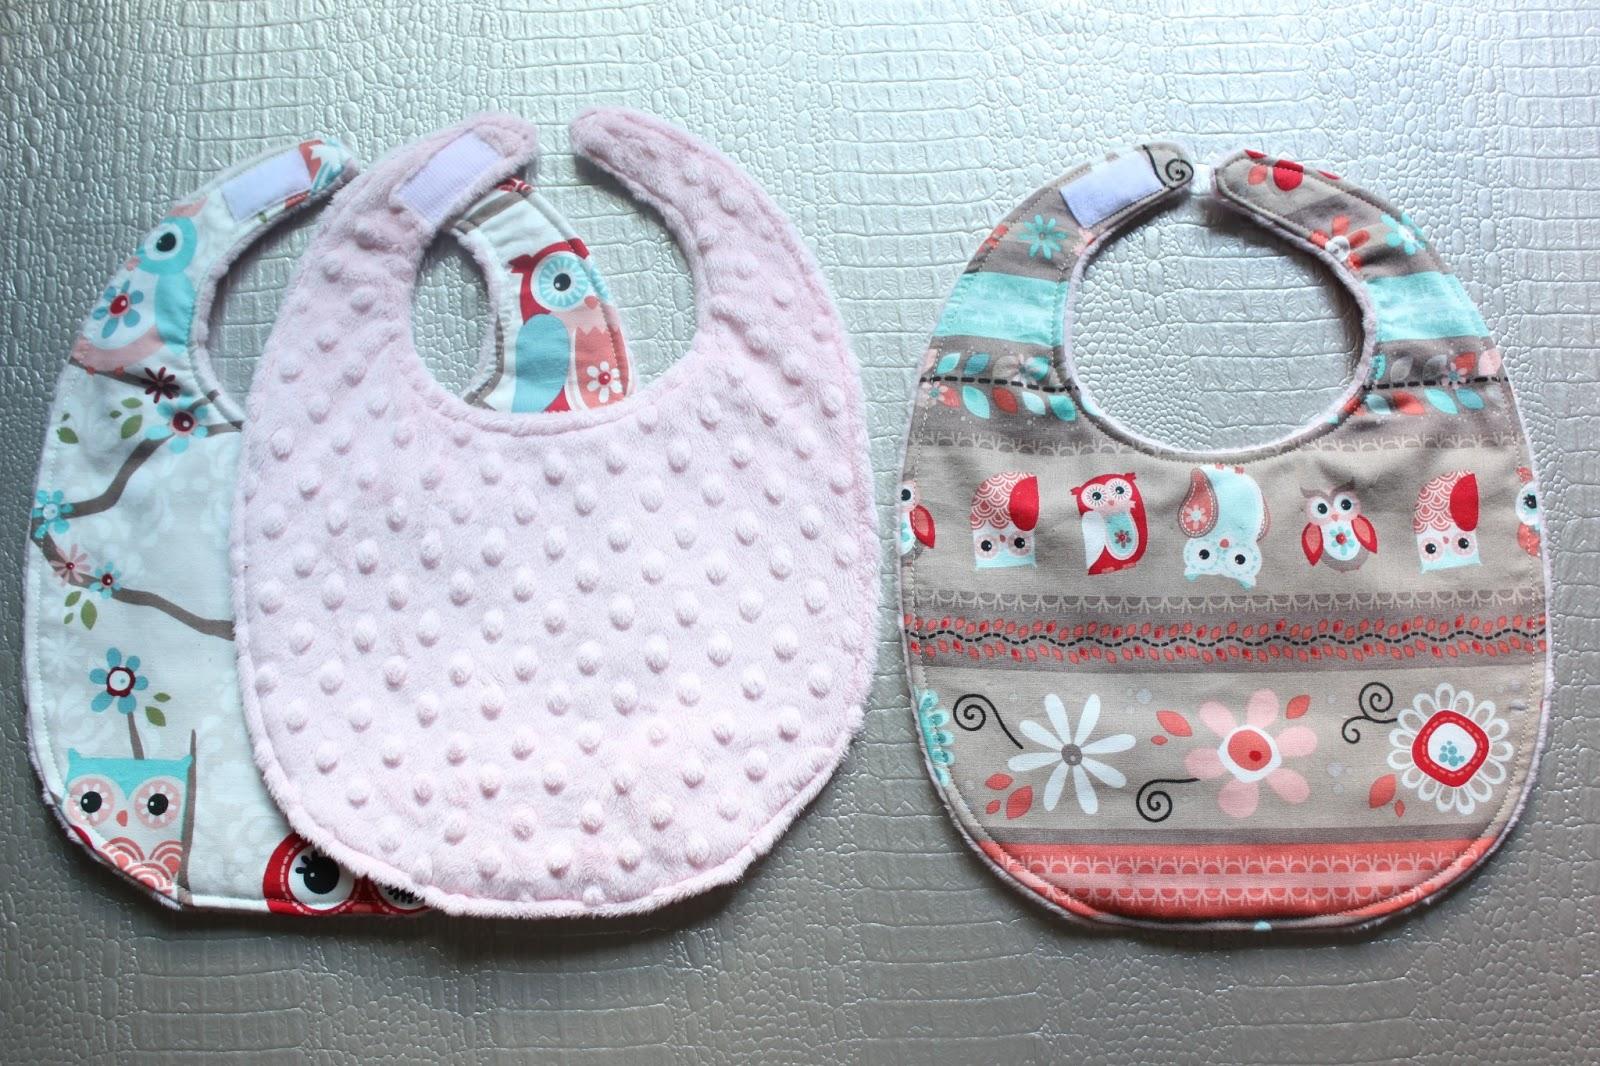 Diy c mo hacer baberos con tela minky sara 39 s code blog - Como hacer un cambiador para bebes ...